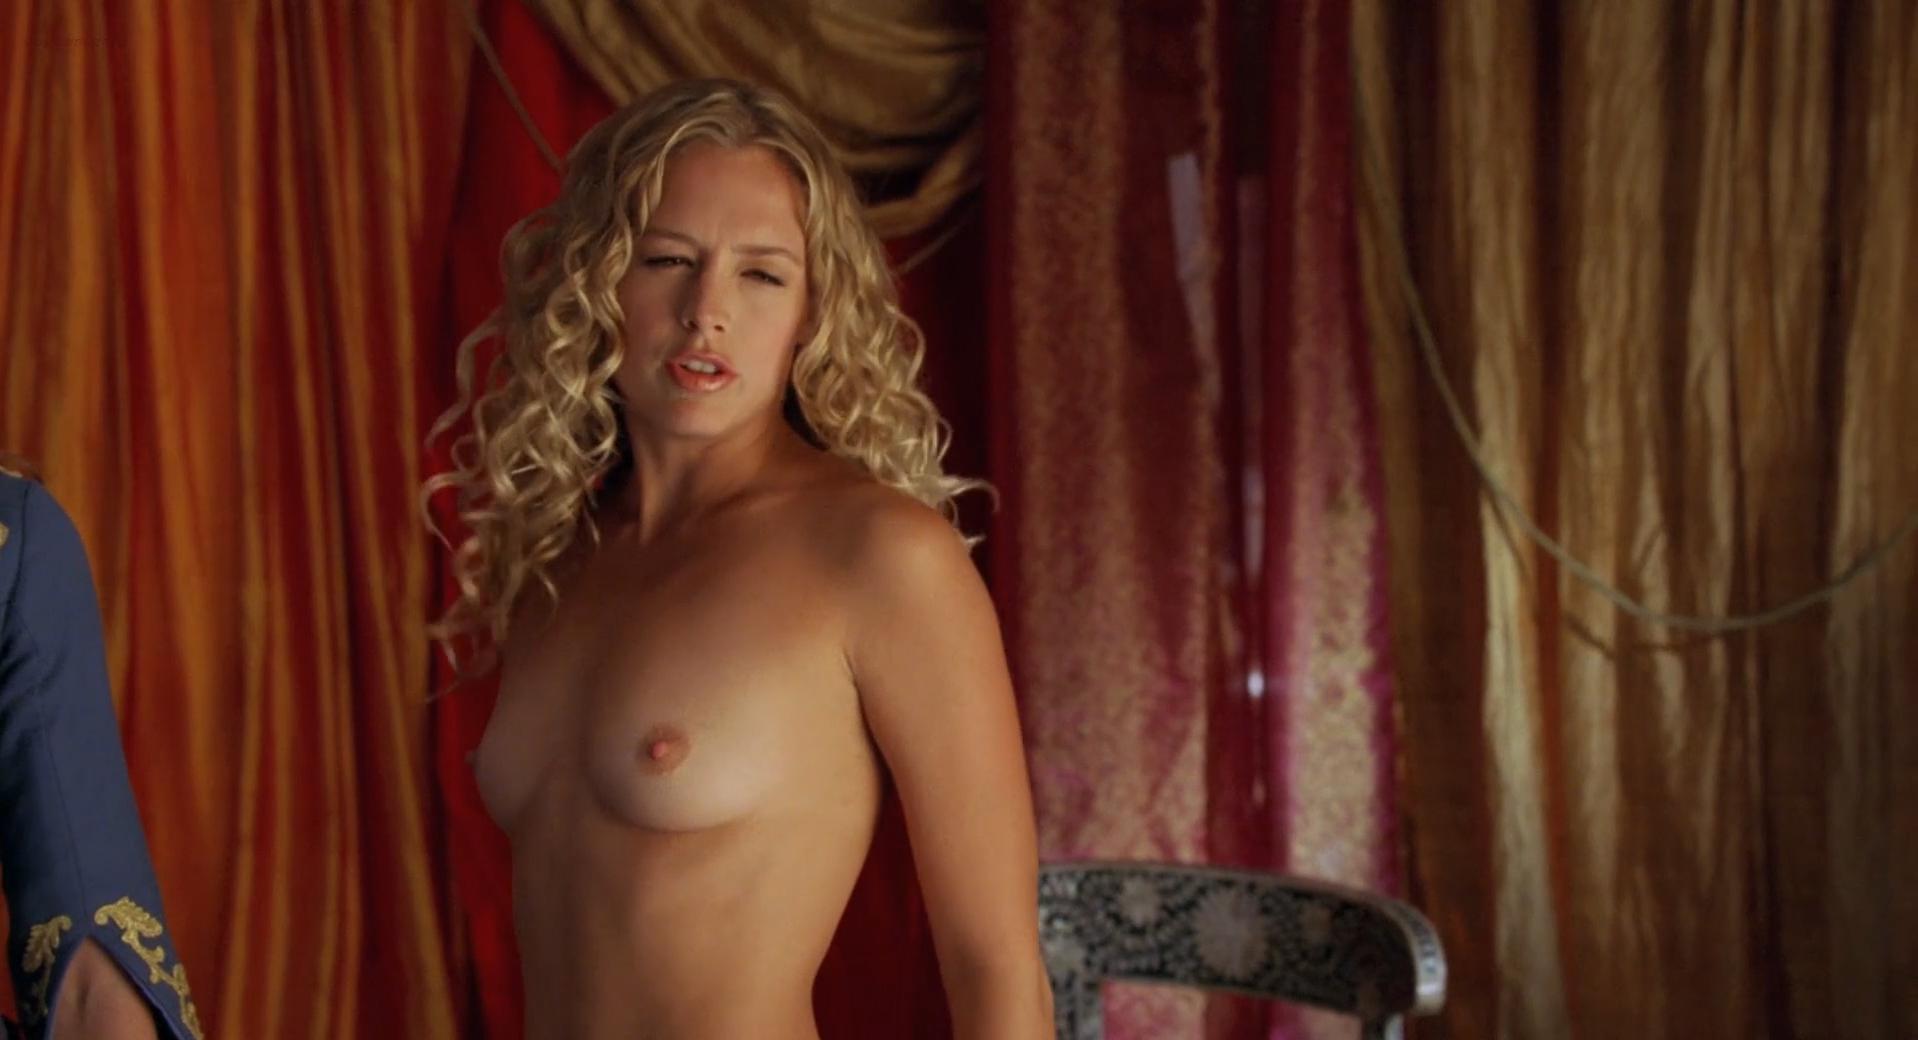 Audra lynn epic movie nude scene